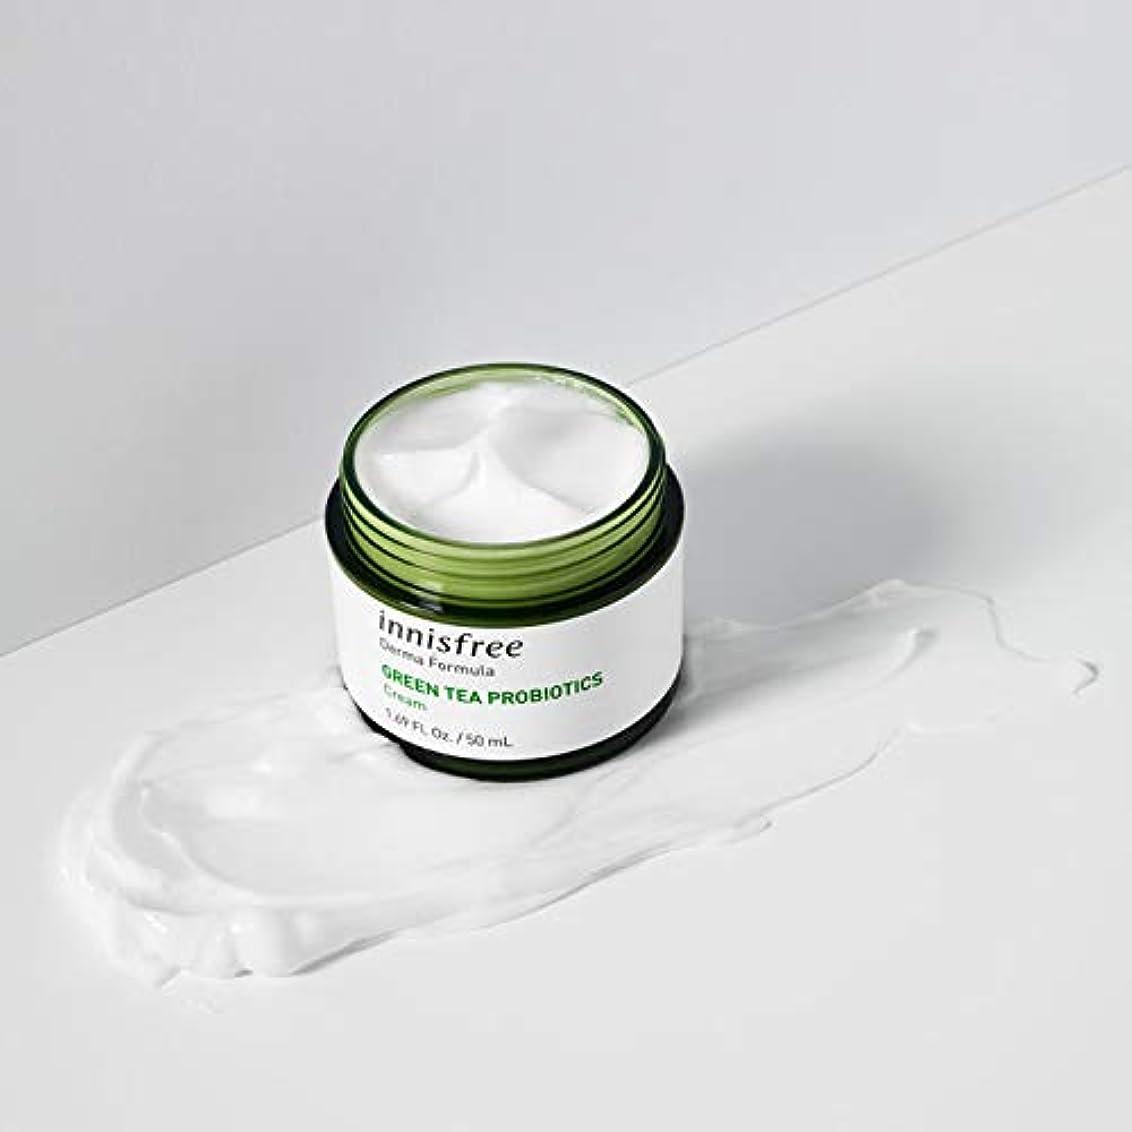 著者トラブル価値[イニスフリー.innisfree]ダーマフォーミュラグリーンティープロバイオティクスクリーム50mL(2019.09 new)/ Derma Formula Green Tea Probiotics Cream